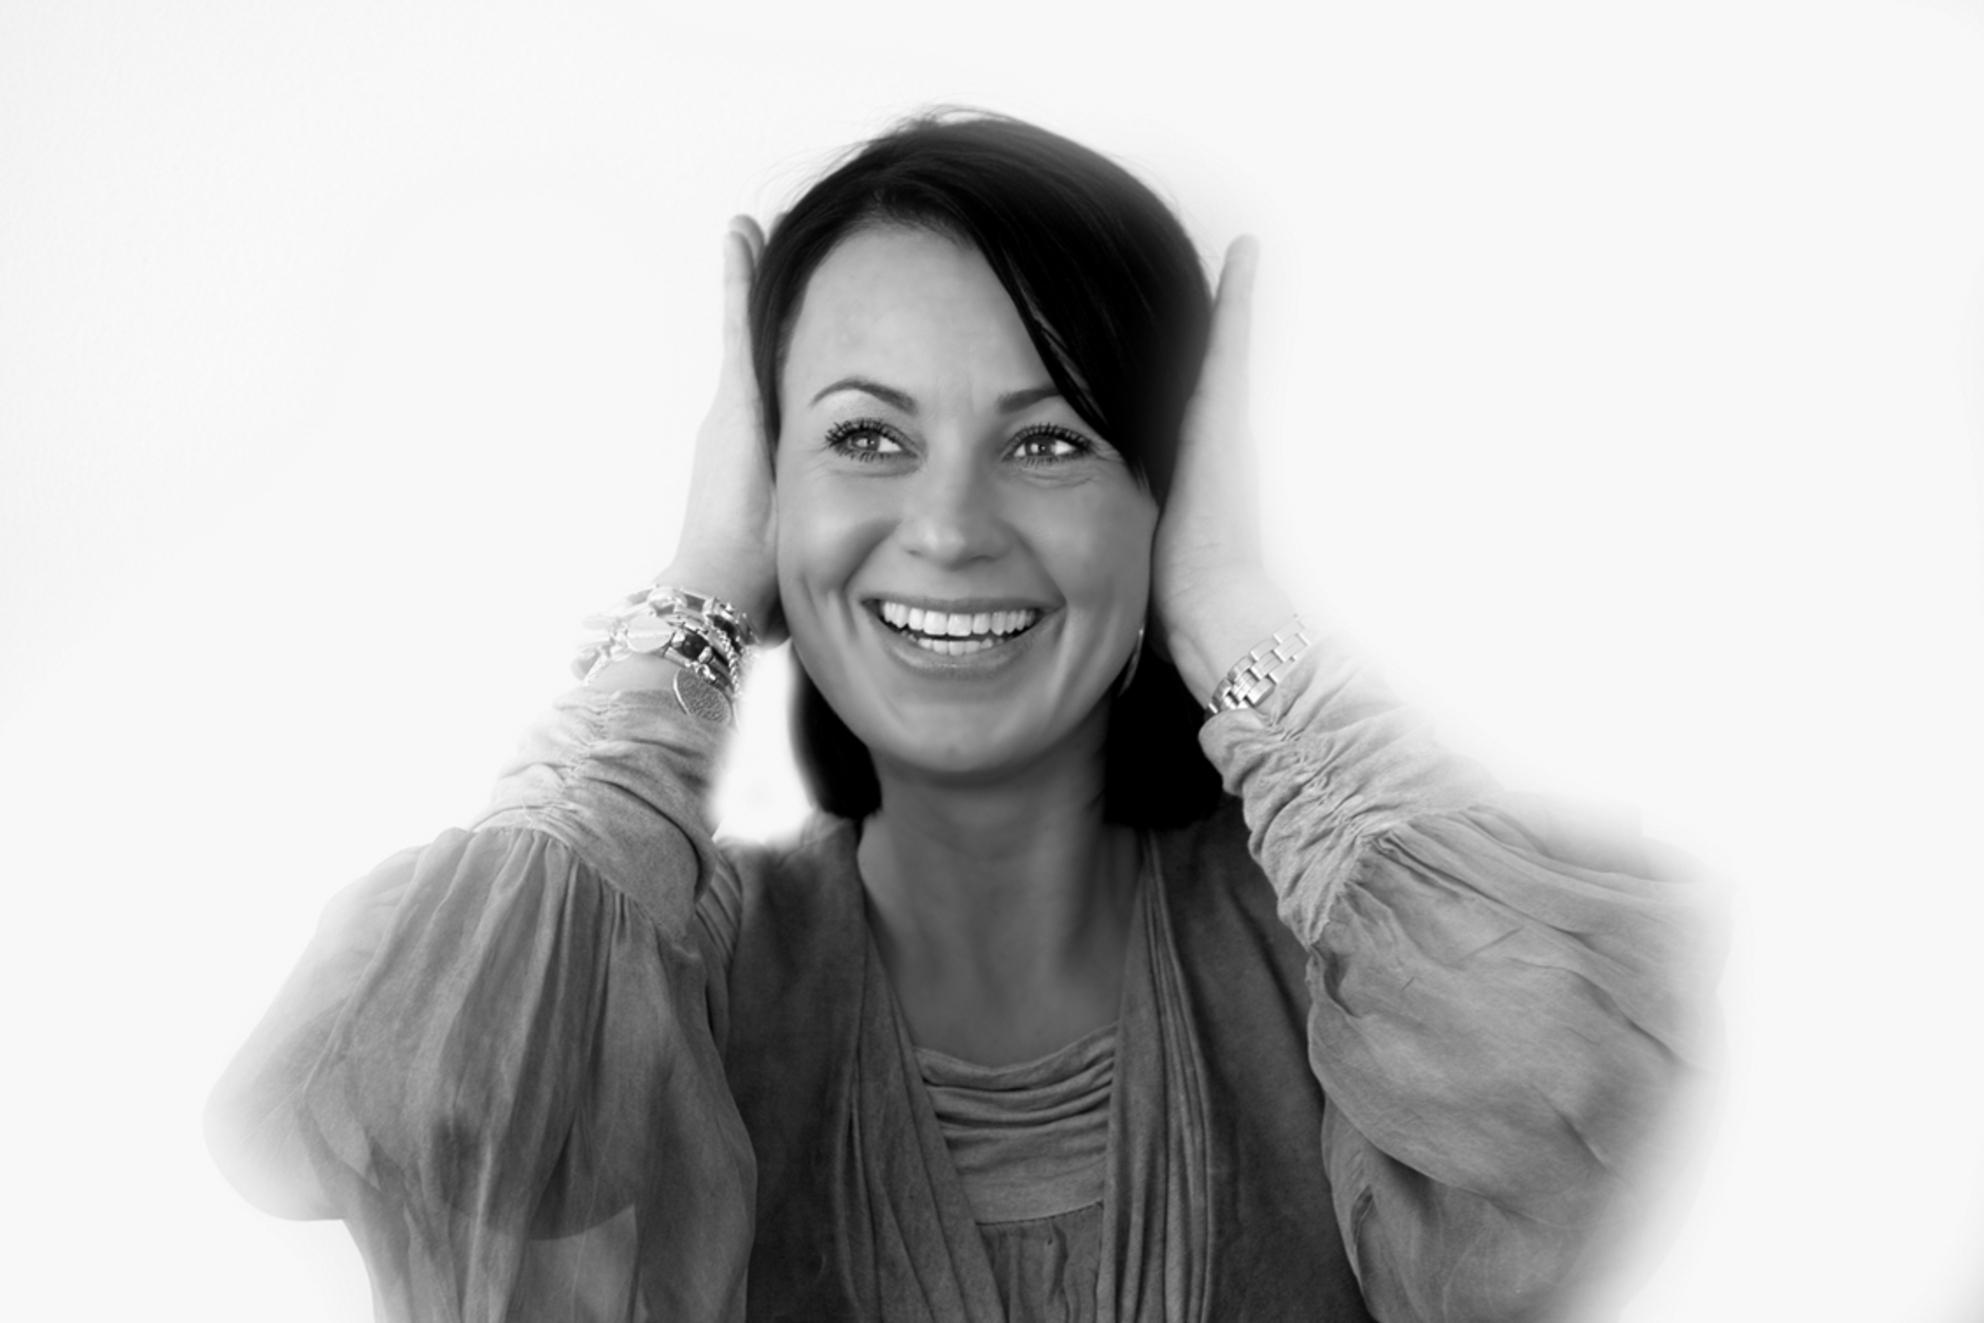 Cindy / December 2010 - Model : Cindy  Make up and Hair : Herself  Photographer : Frits Vrielink  Camera : Canon 50D Lens : Canon 50mm Flash : Canon 580EXII / honeyc - foto door frutsel op 21-12-2010 - deze foto bevat: model, canon, flitser, 50d, www.fritsvrielink.nl - Deze foto mag gebruikt worden in een Zoom.nl publicatie